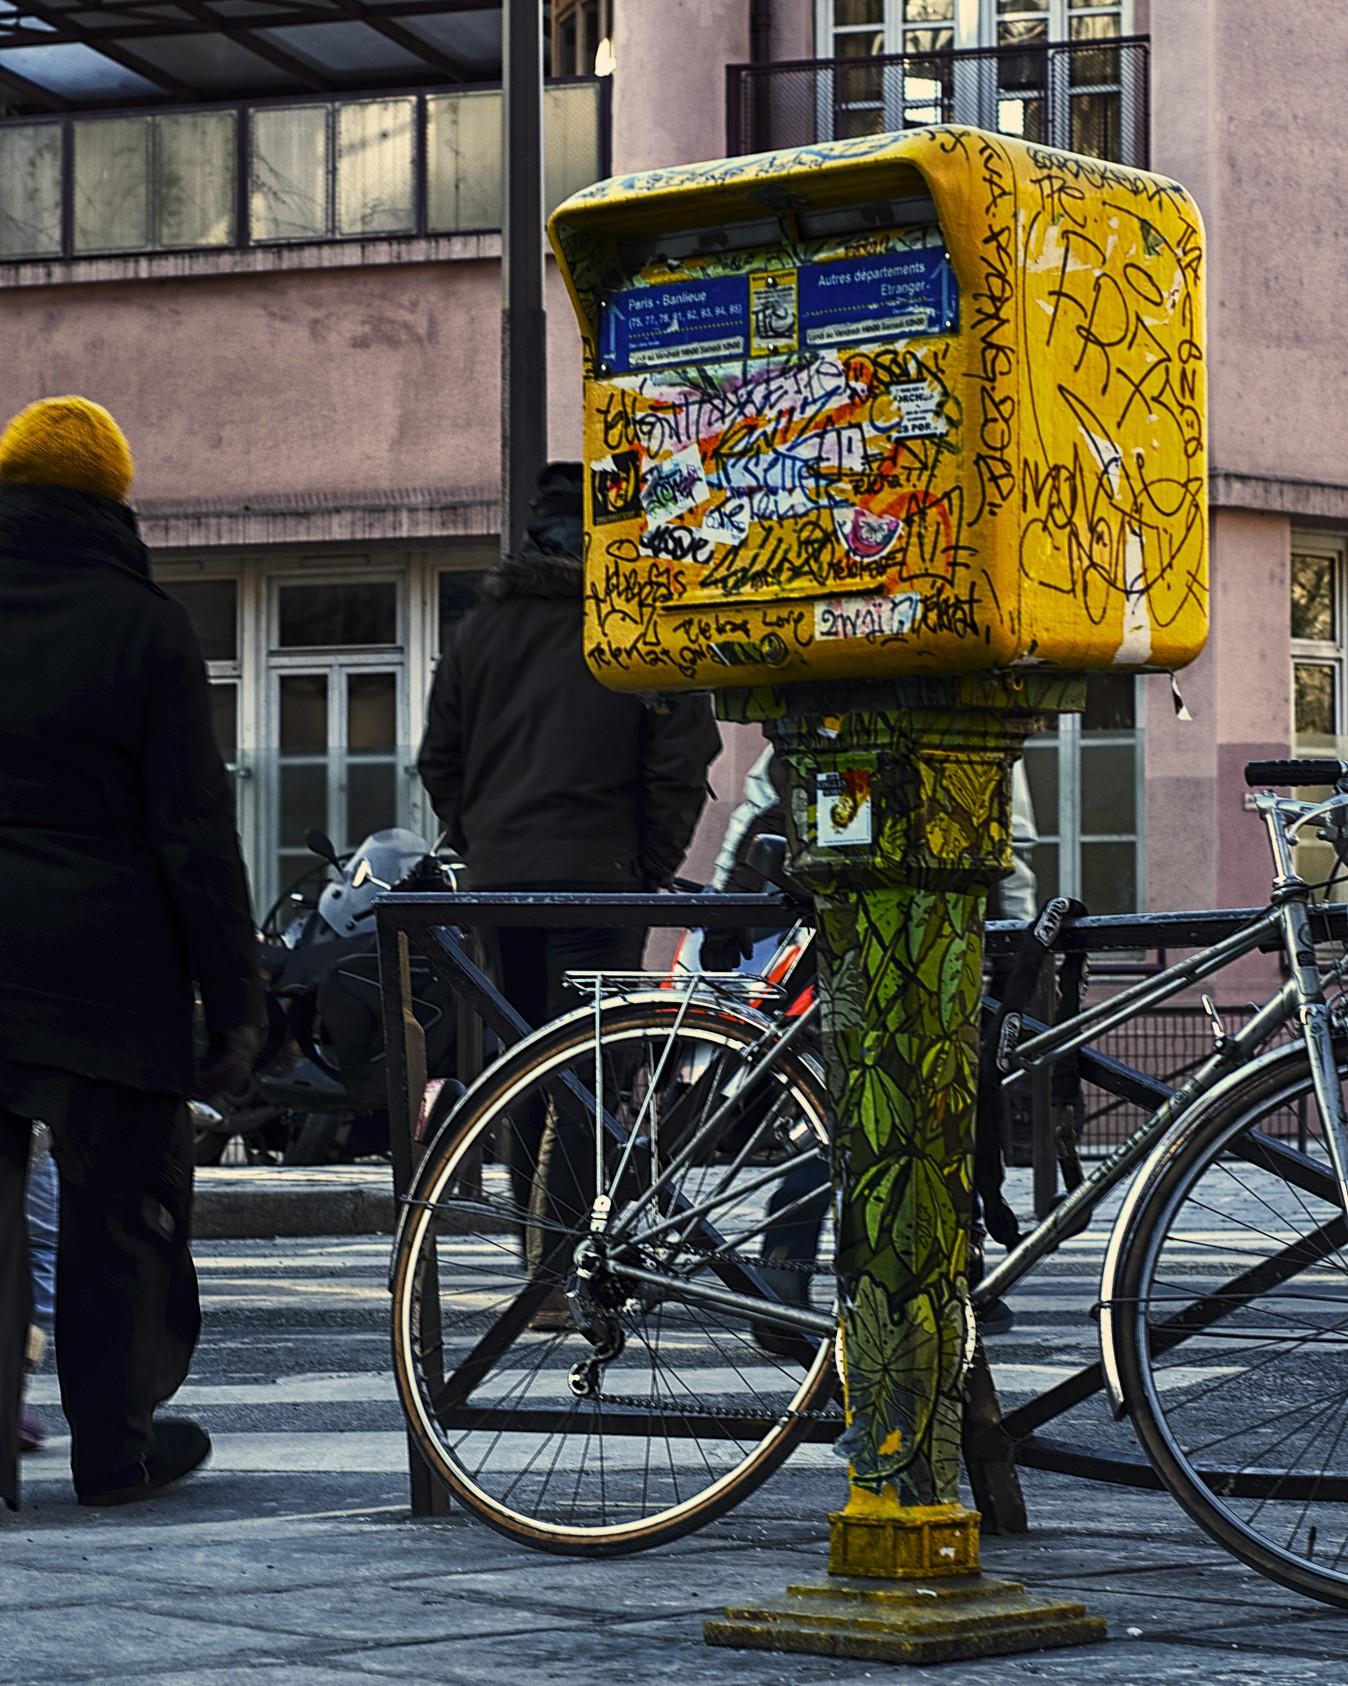 post box graffiti in paris.jpg